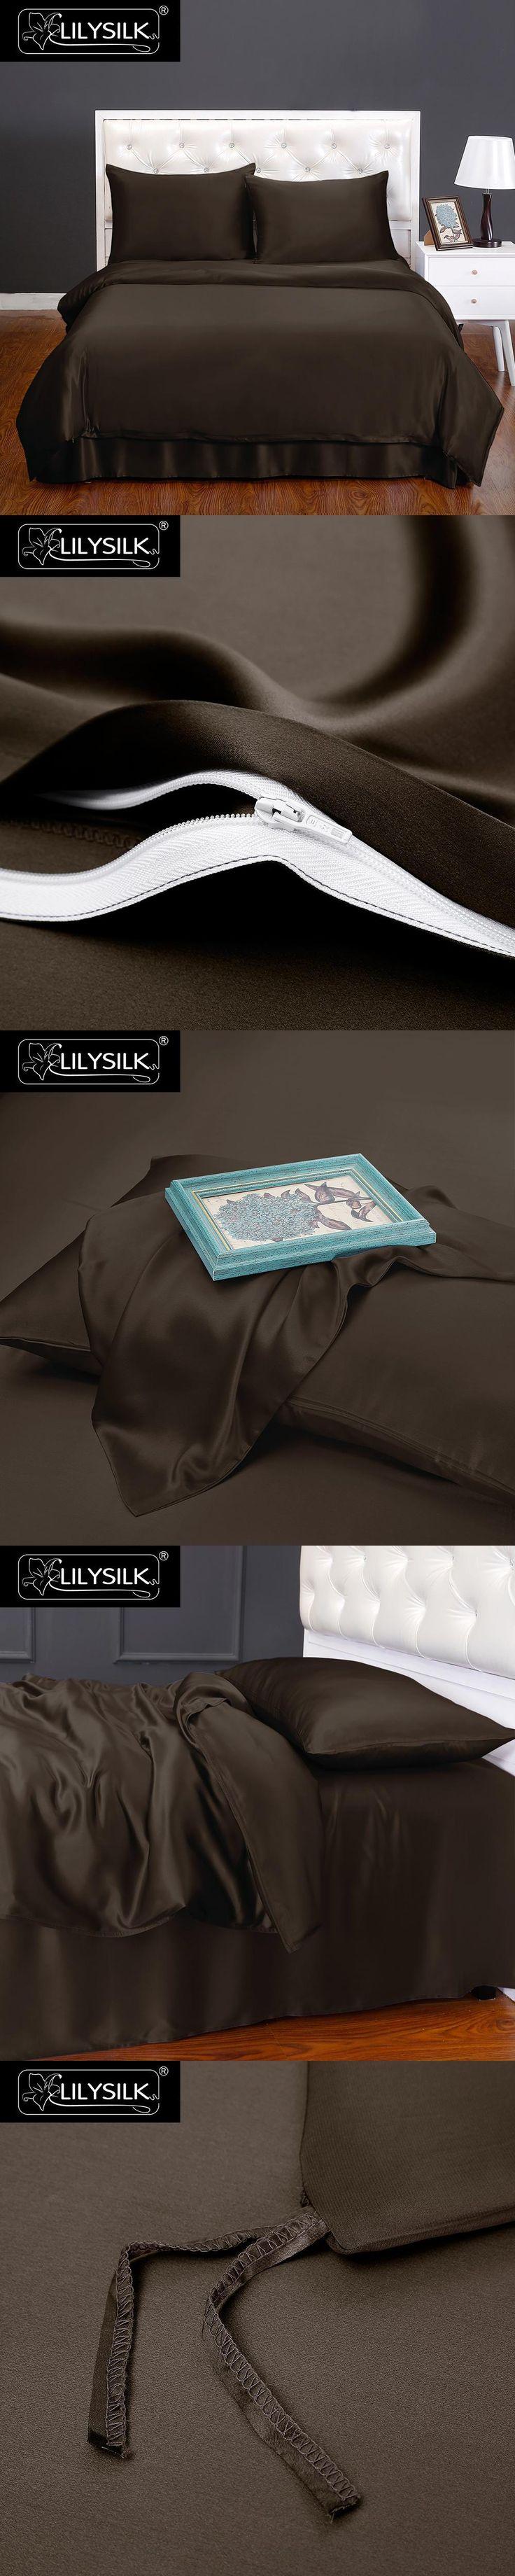 LILYSILK 4pcs Silk Bedding Set 100% Mulberry Seamless Silk Duvet Cover Silk Flat Sheet Silk Terse Pillowcases 19 Momme